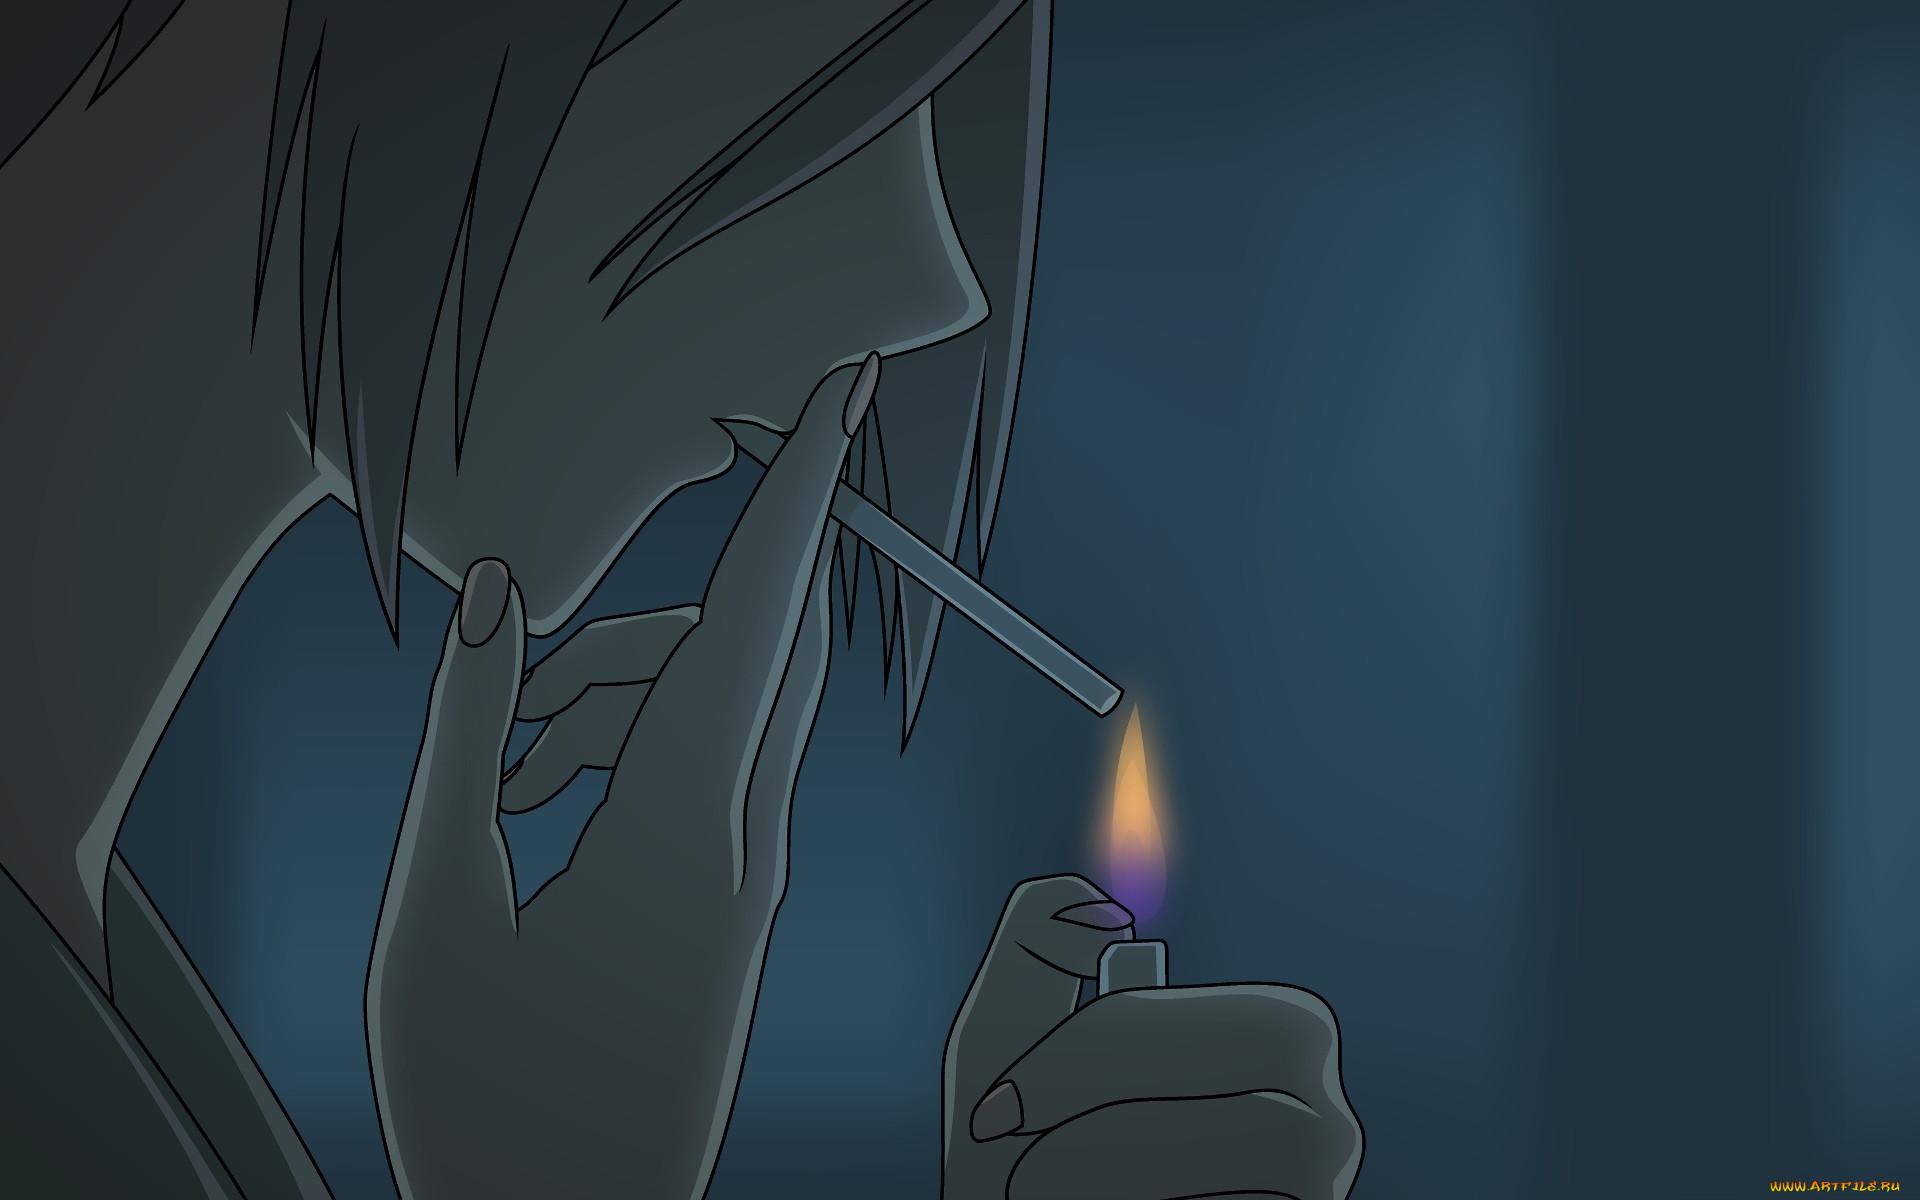 Картинка курит в аниме